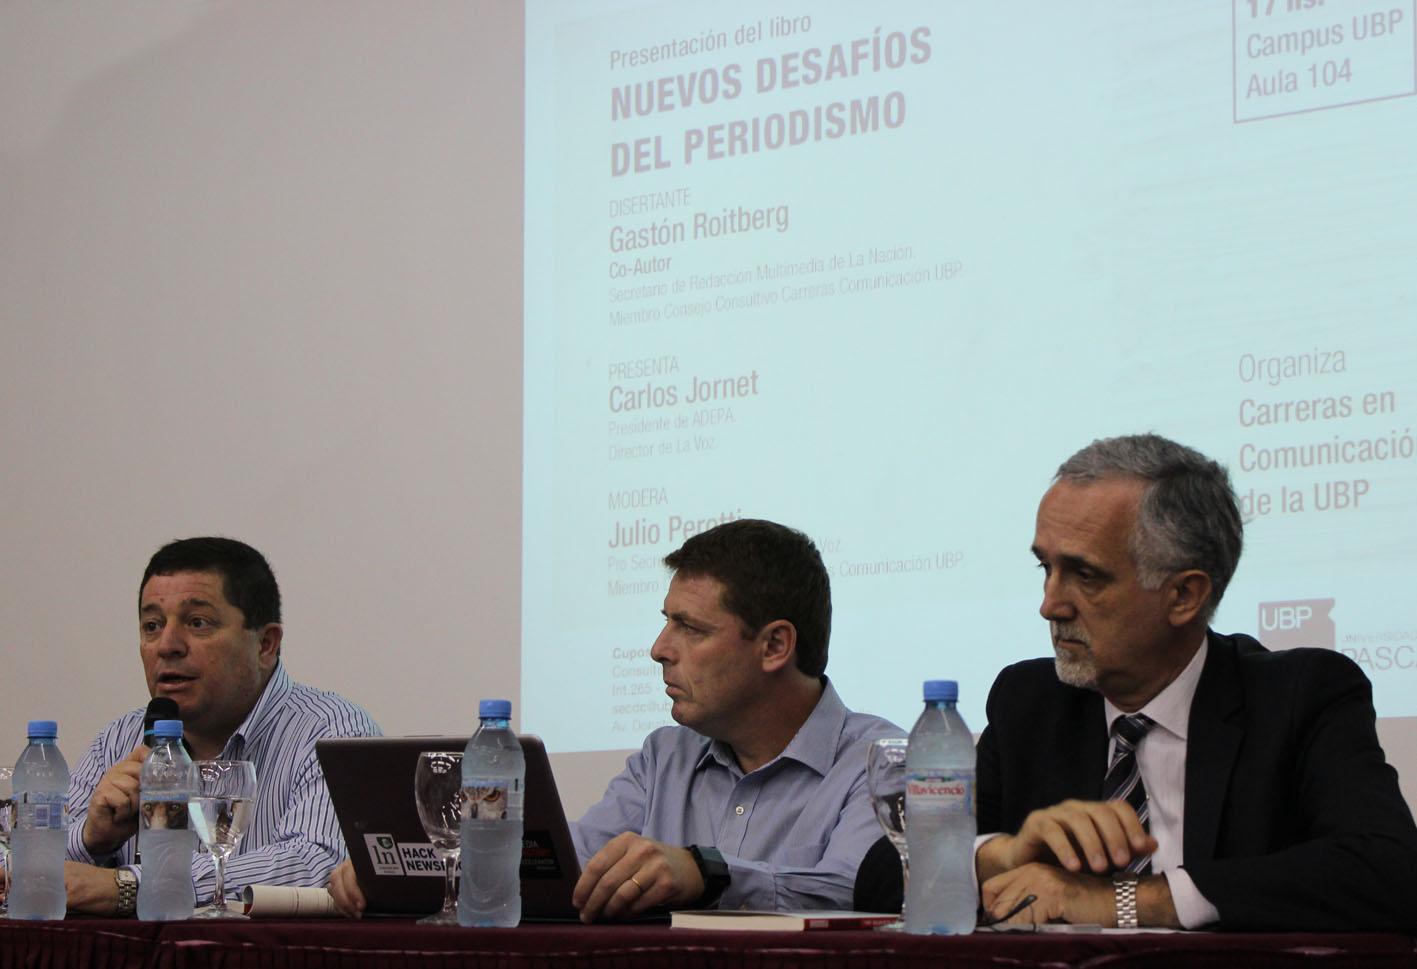 """Presentación del libro """"Nuevos desafíos del periodismo"""""""